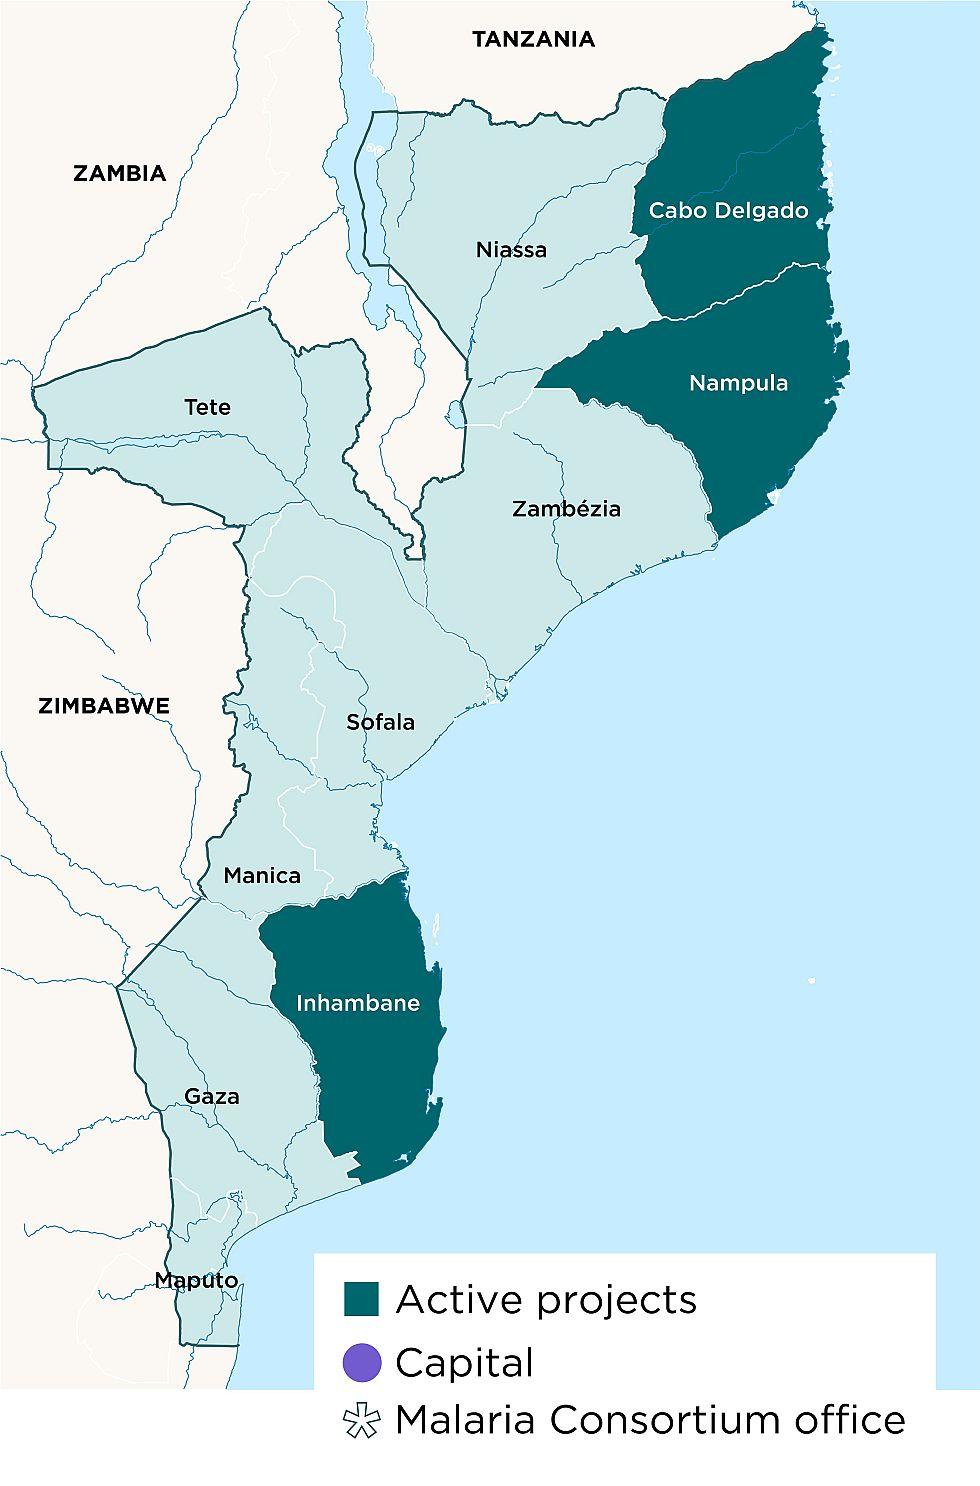 mozambique-map Uganda Malaria Map on uganda meningitis map, uganda poverty map, uganda reproductive health map, uganda regions of change, uganda map africa, uganda hiv map, laos map, uganda home,